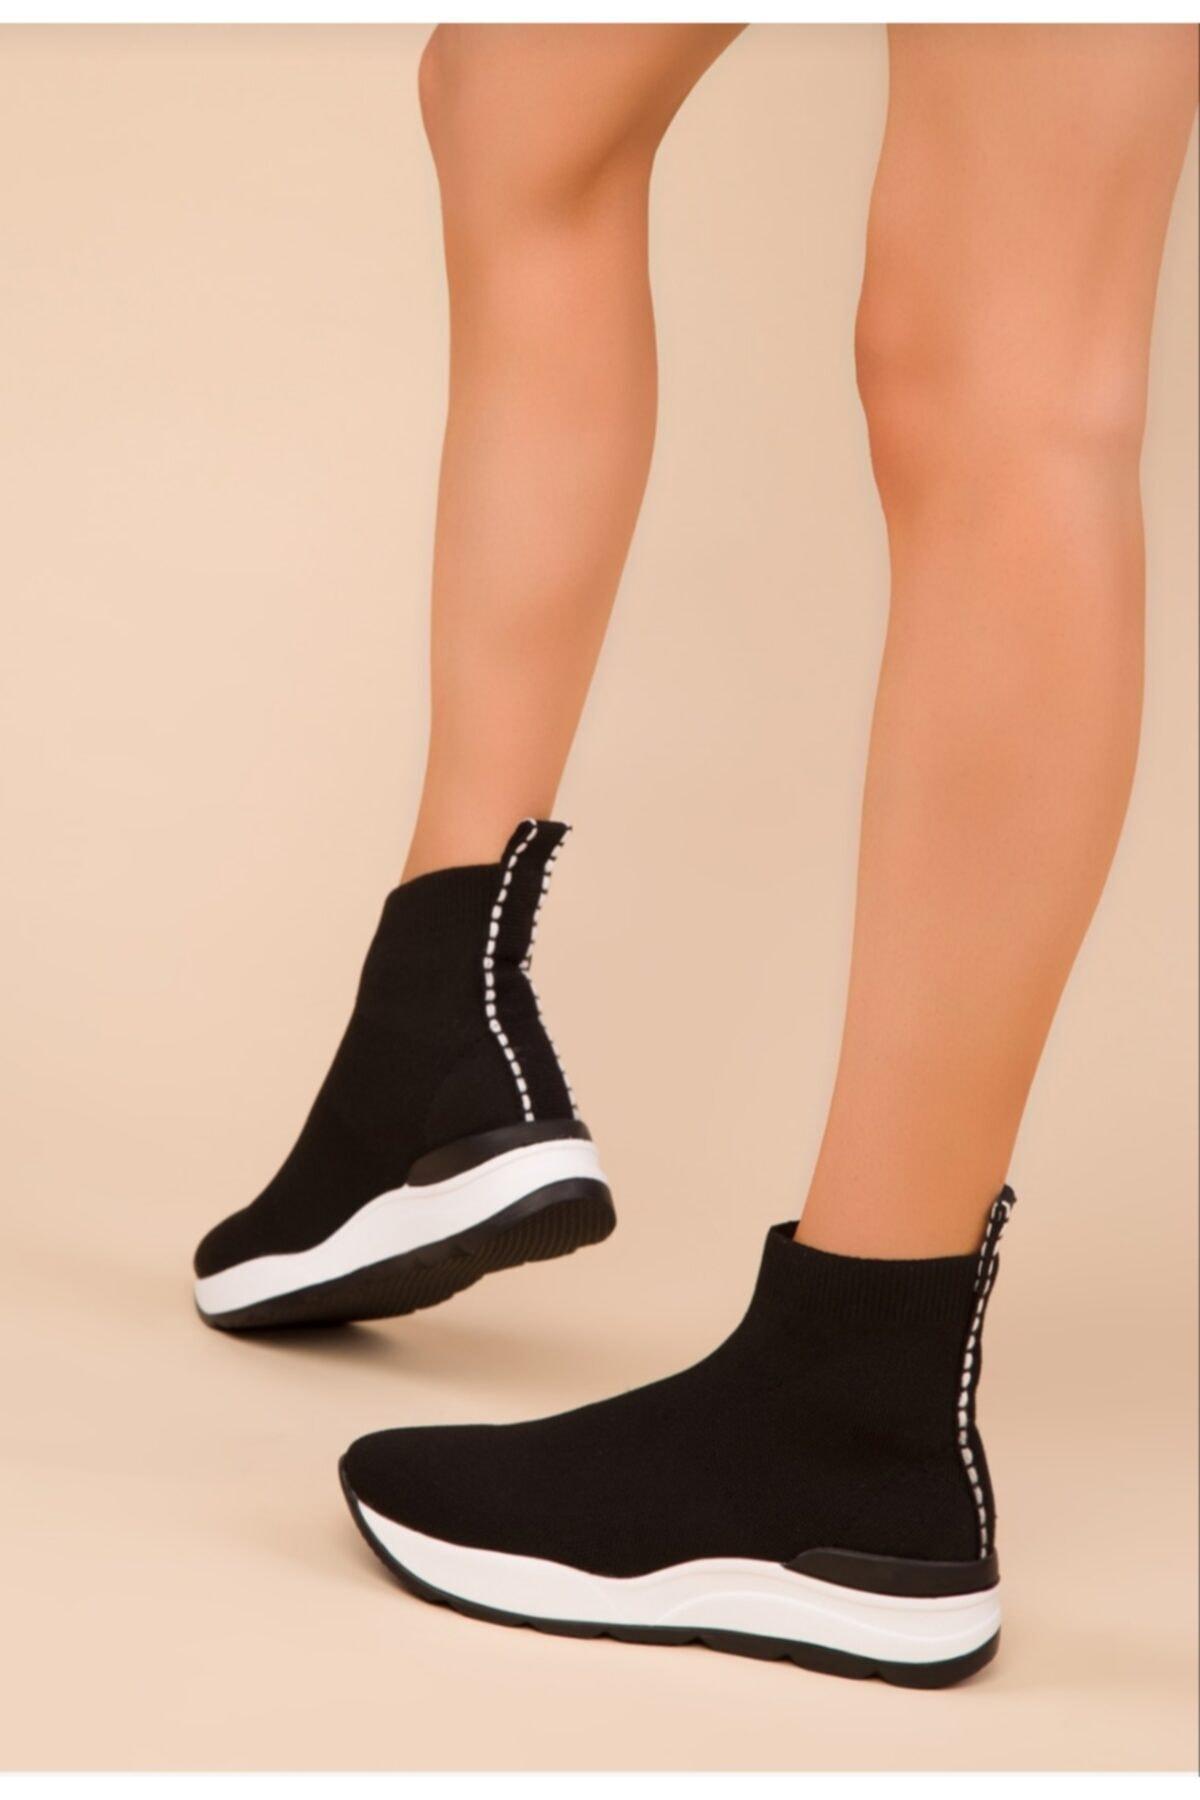 MİRKET Kadın Triko Streç Çorap Bot Sneaker Günlük Spor Ayakkabı 2